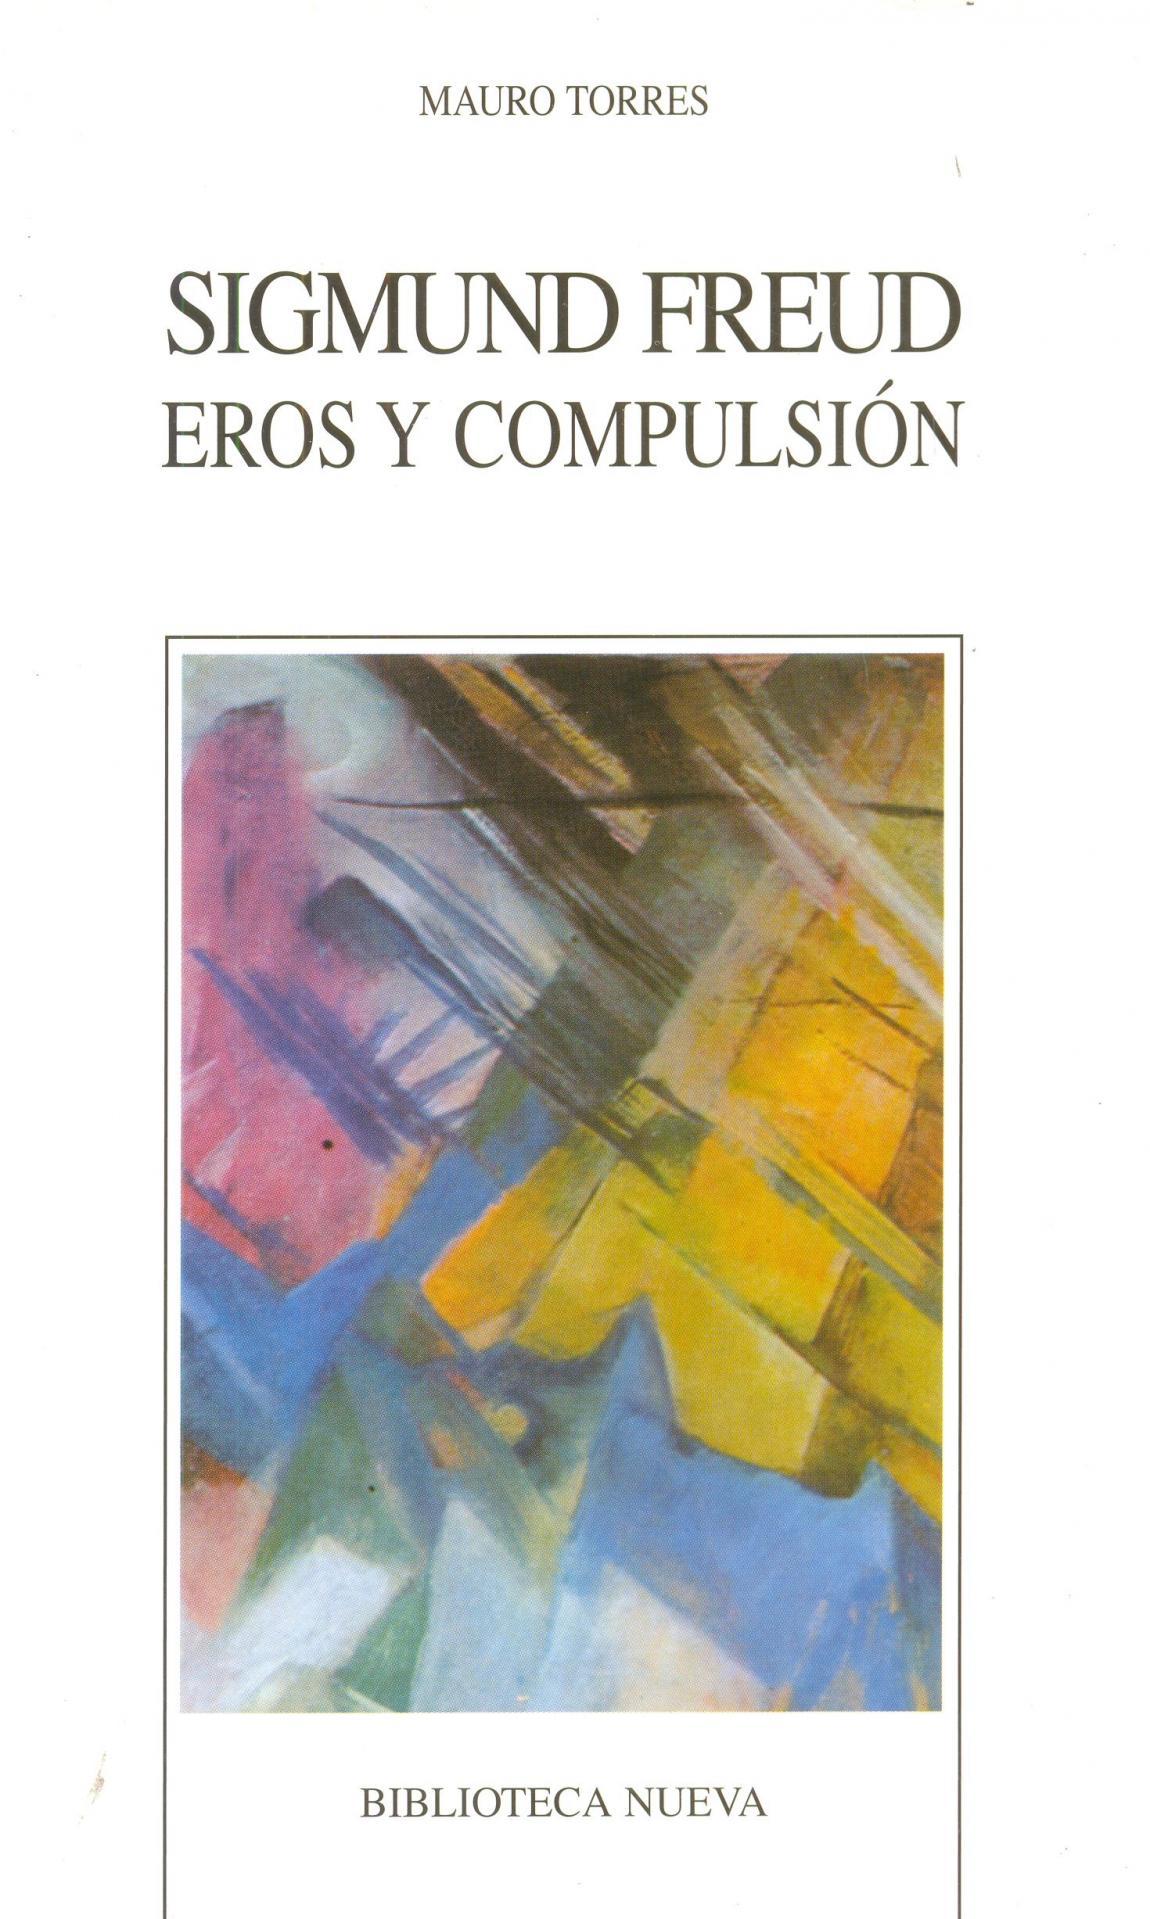 SIGMUND FREUD. EROS Y COMPULSIÓN. Torres, M.